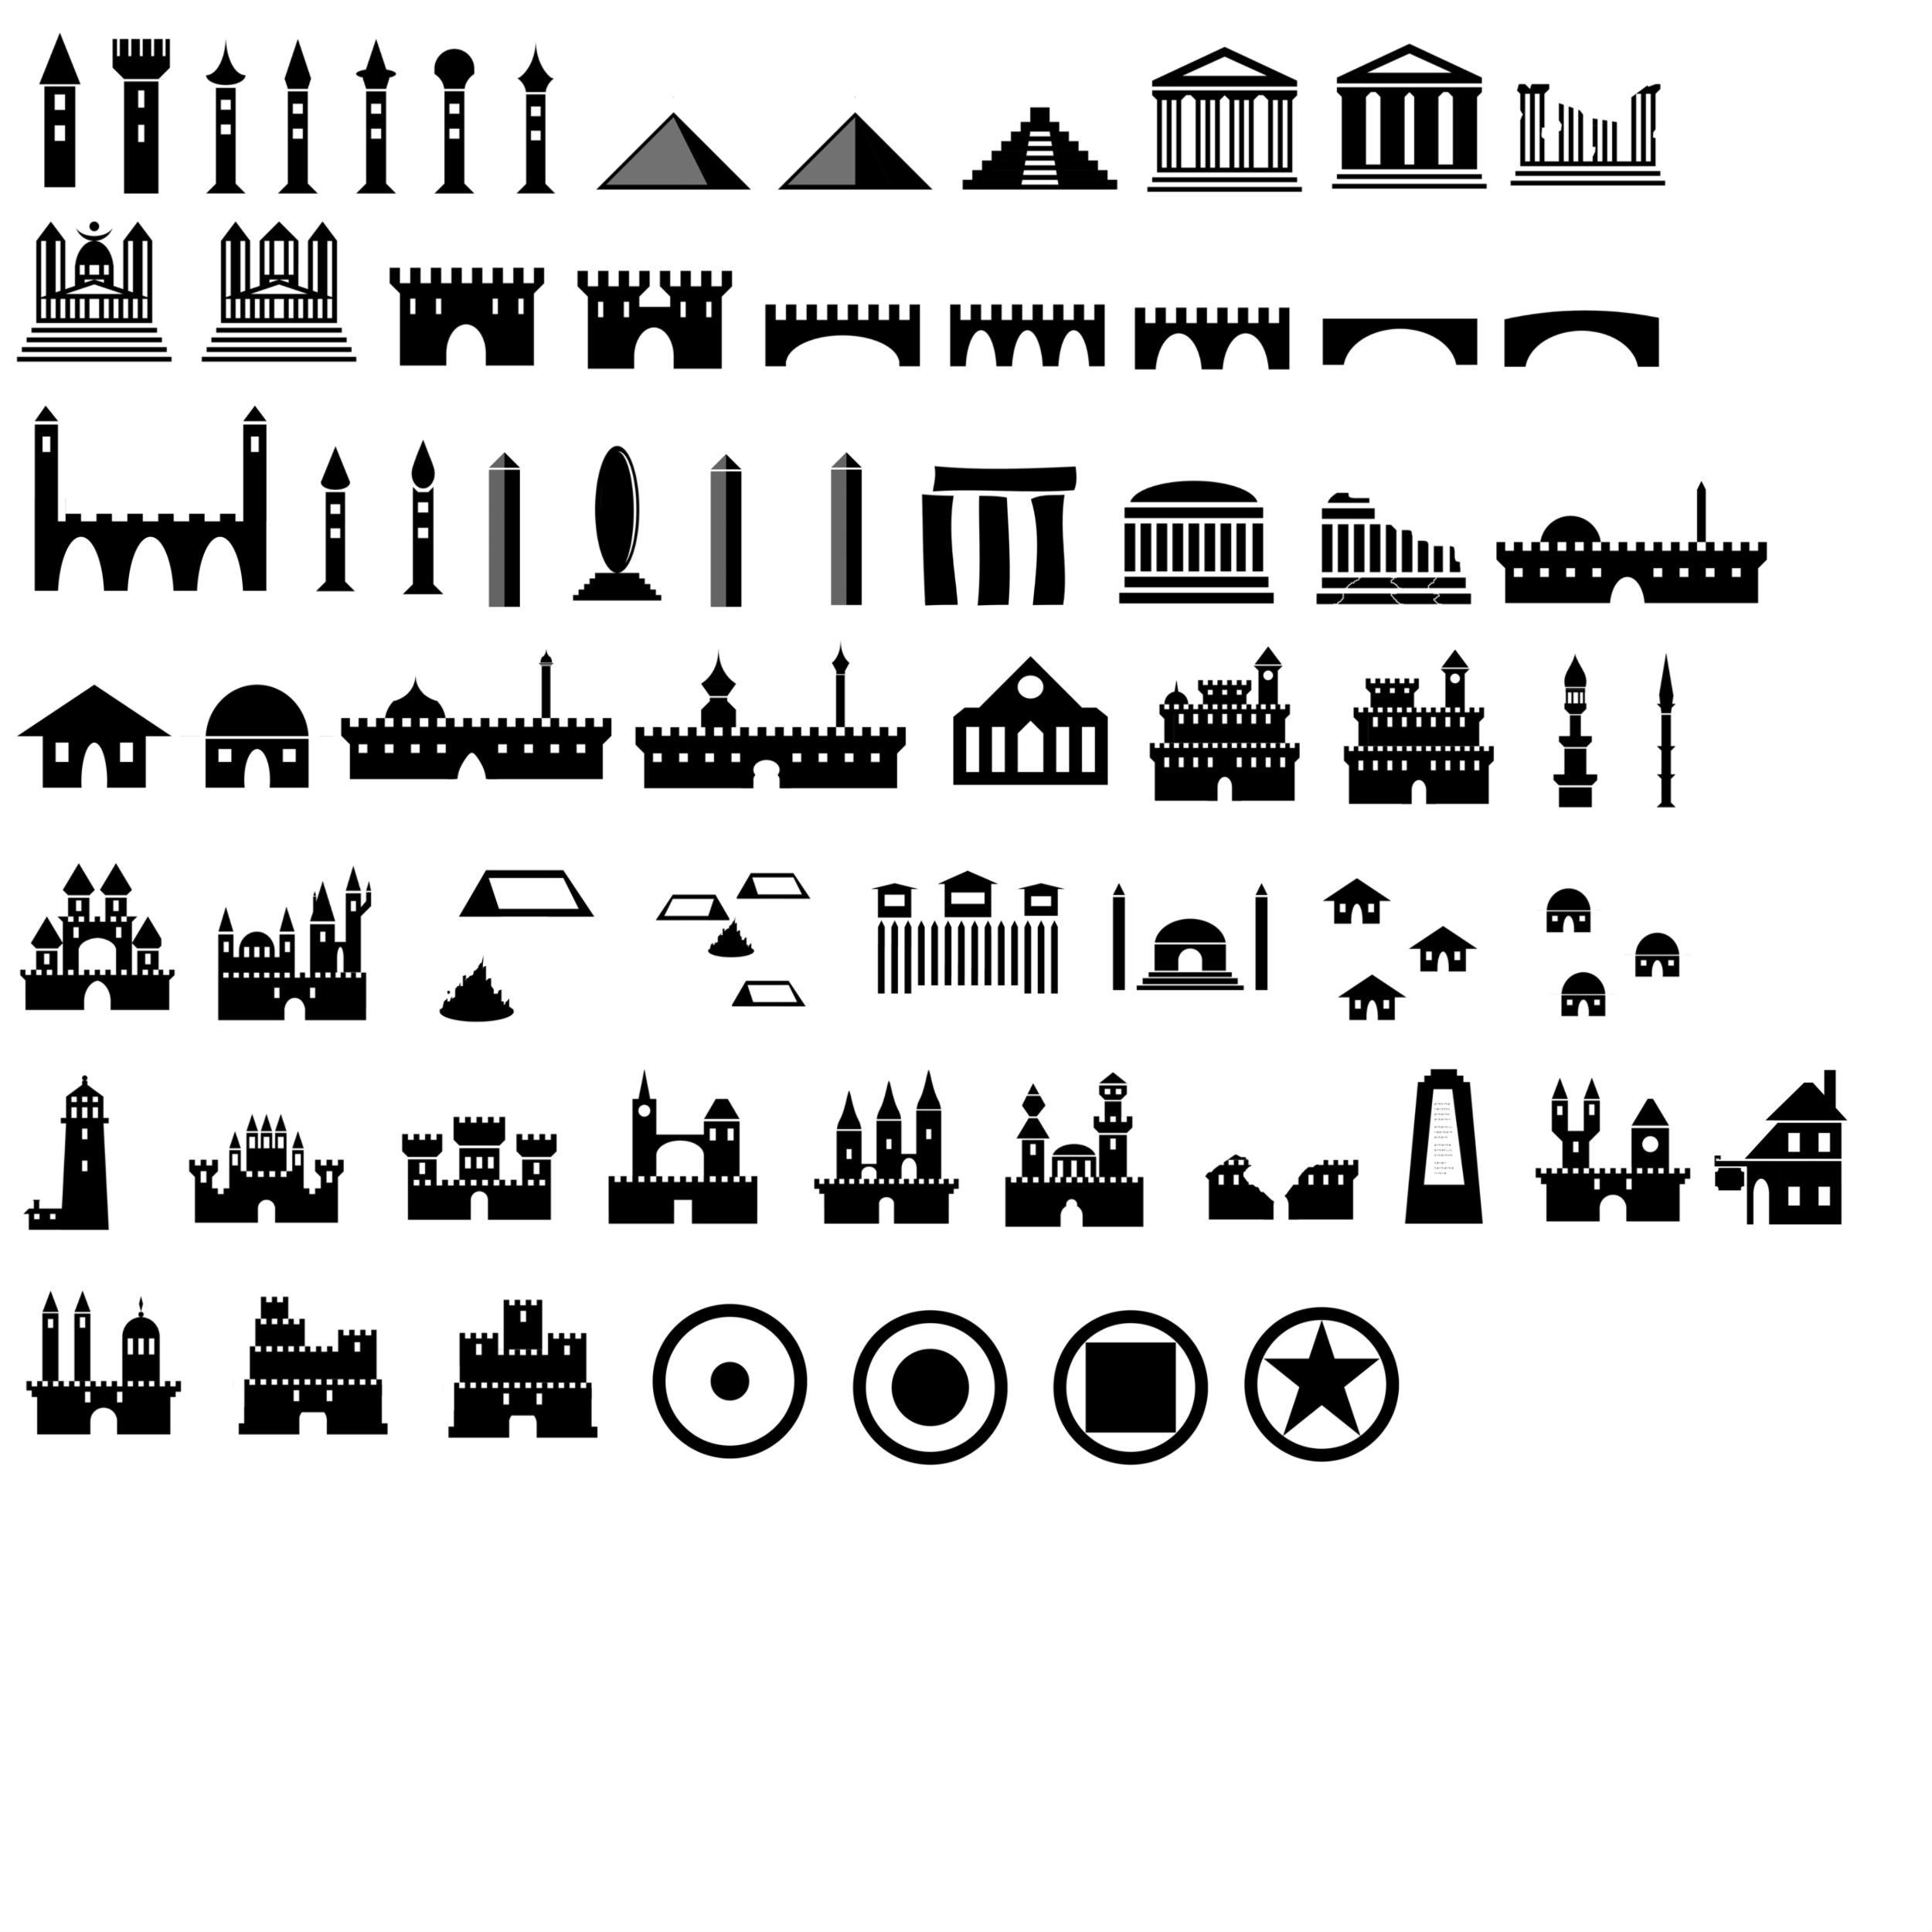 欧式建筑物缩影适量风格图像PS笔刷